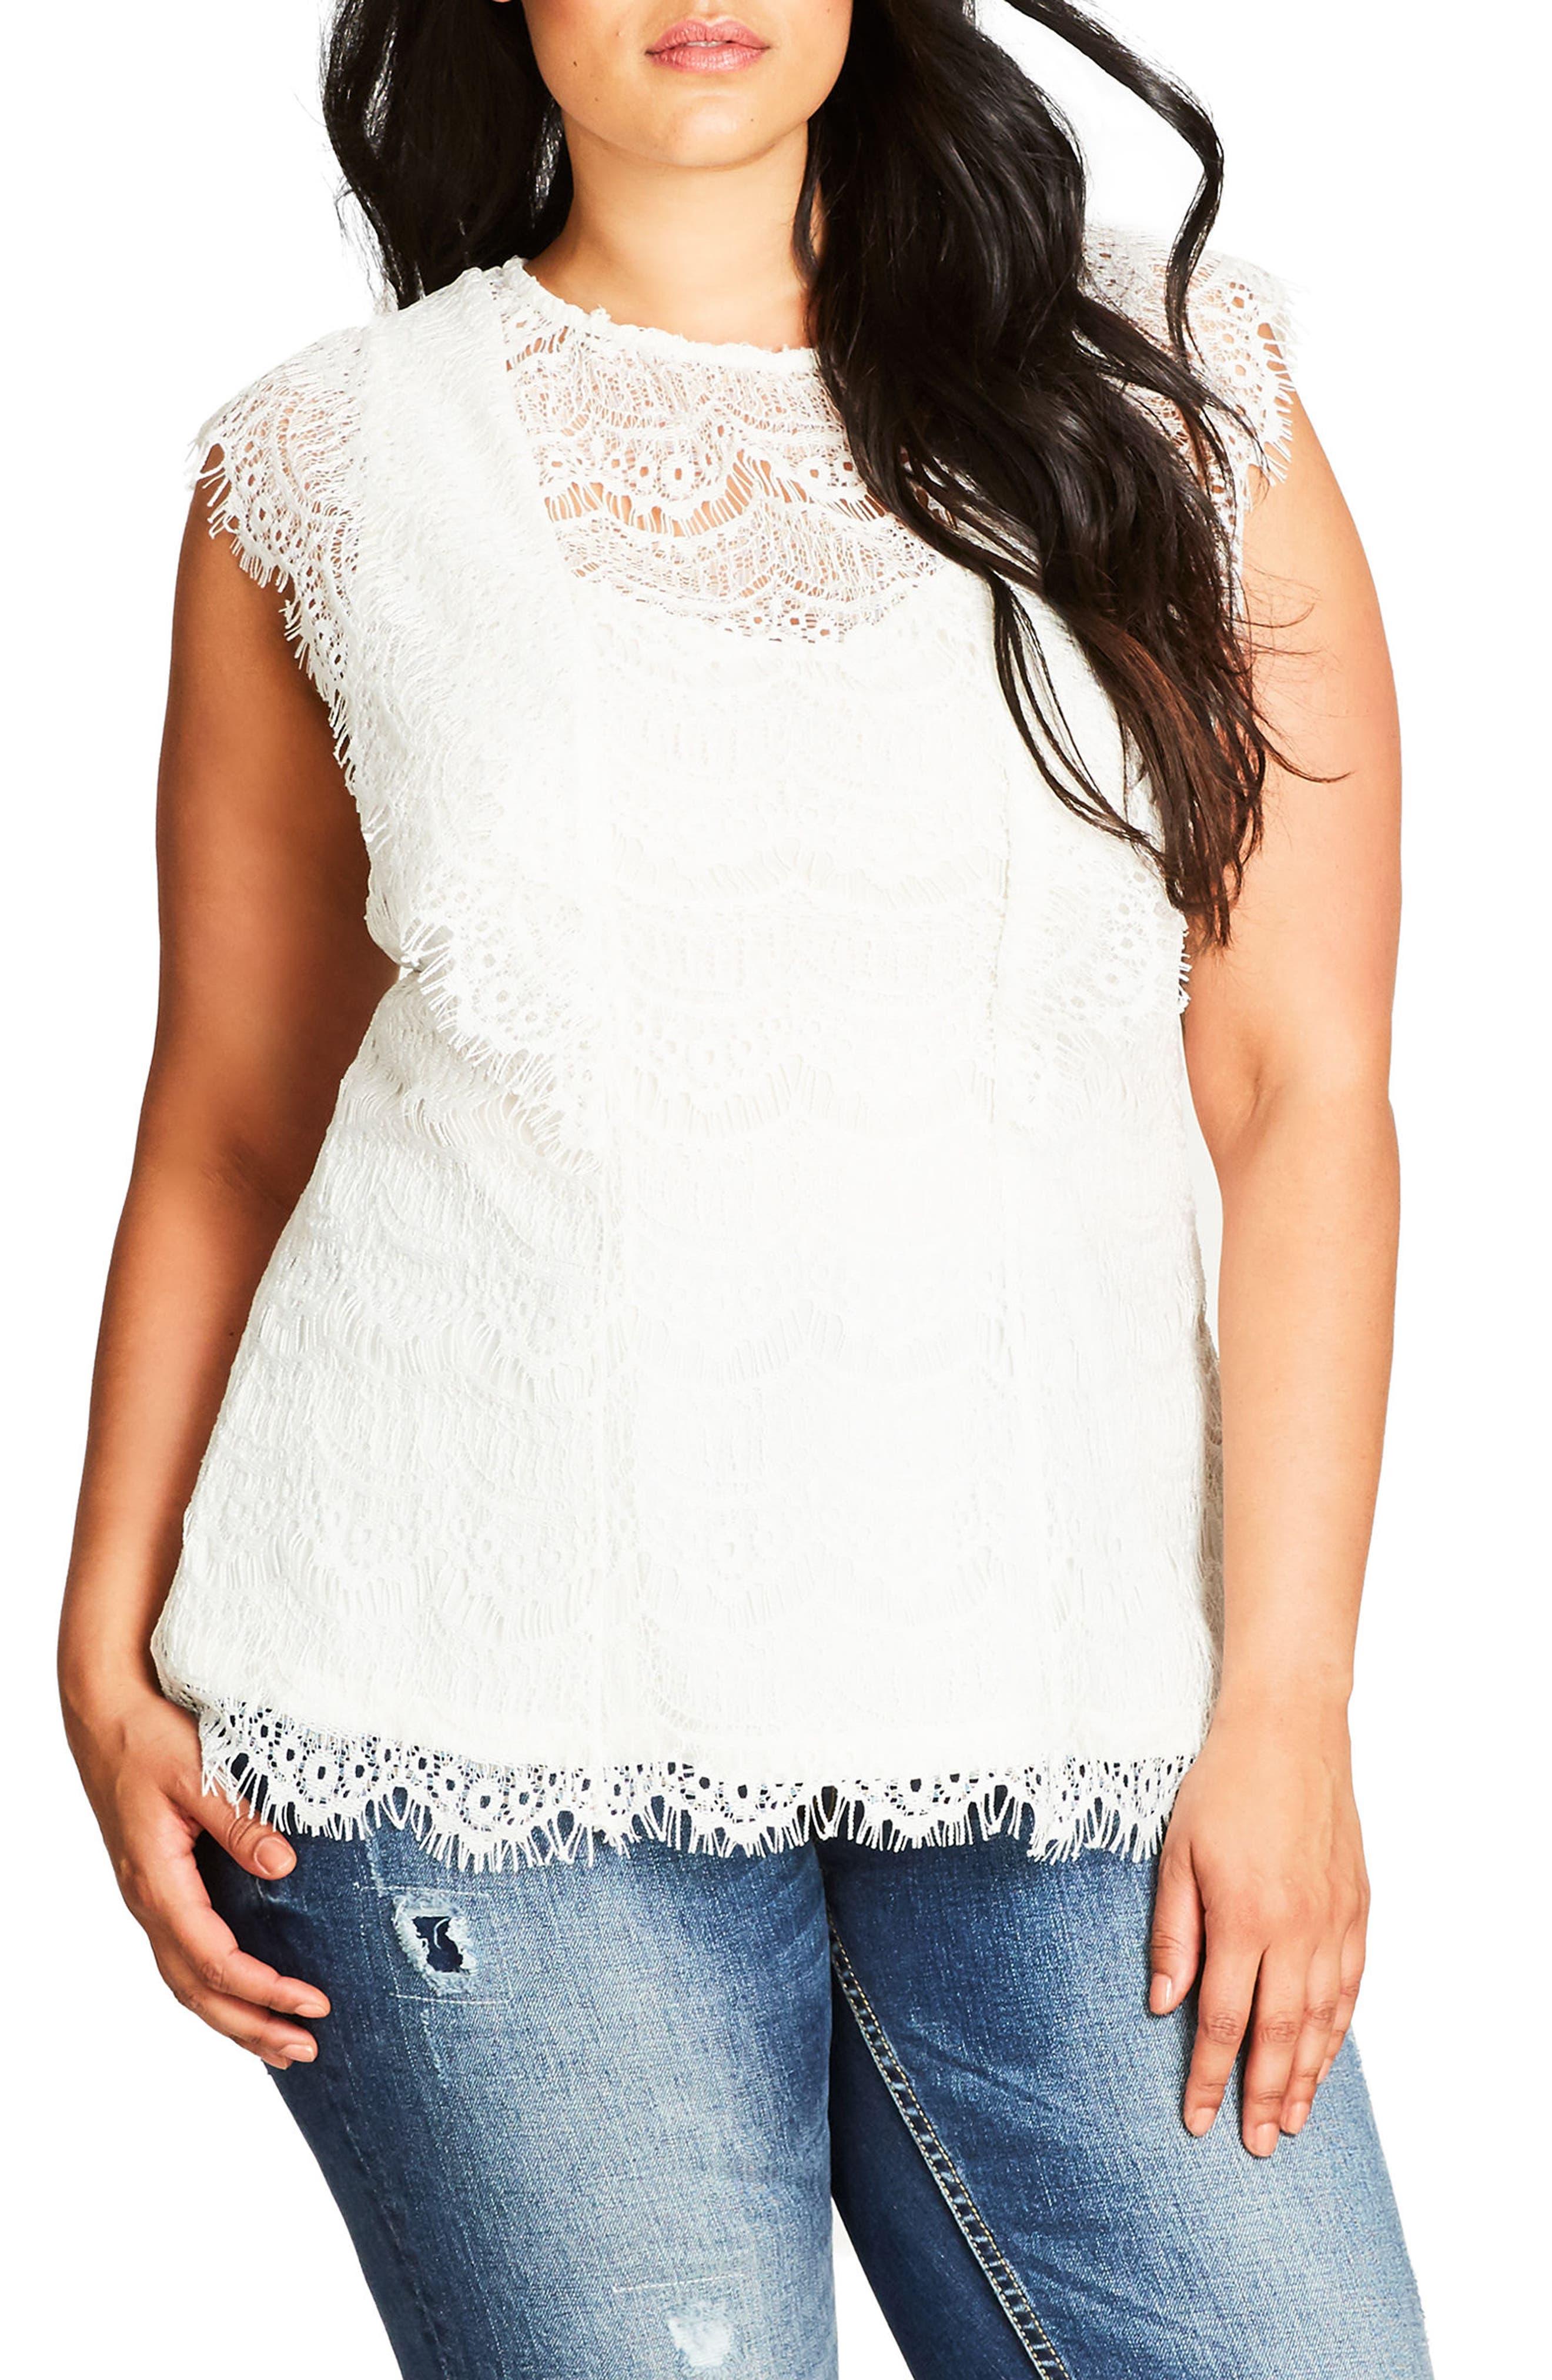 Main Image - City Chic Cotton Blend Lace Top (Plus Size)